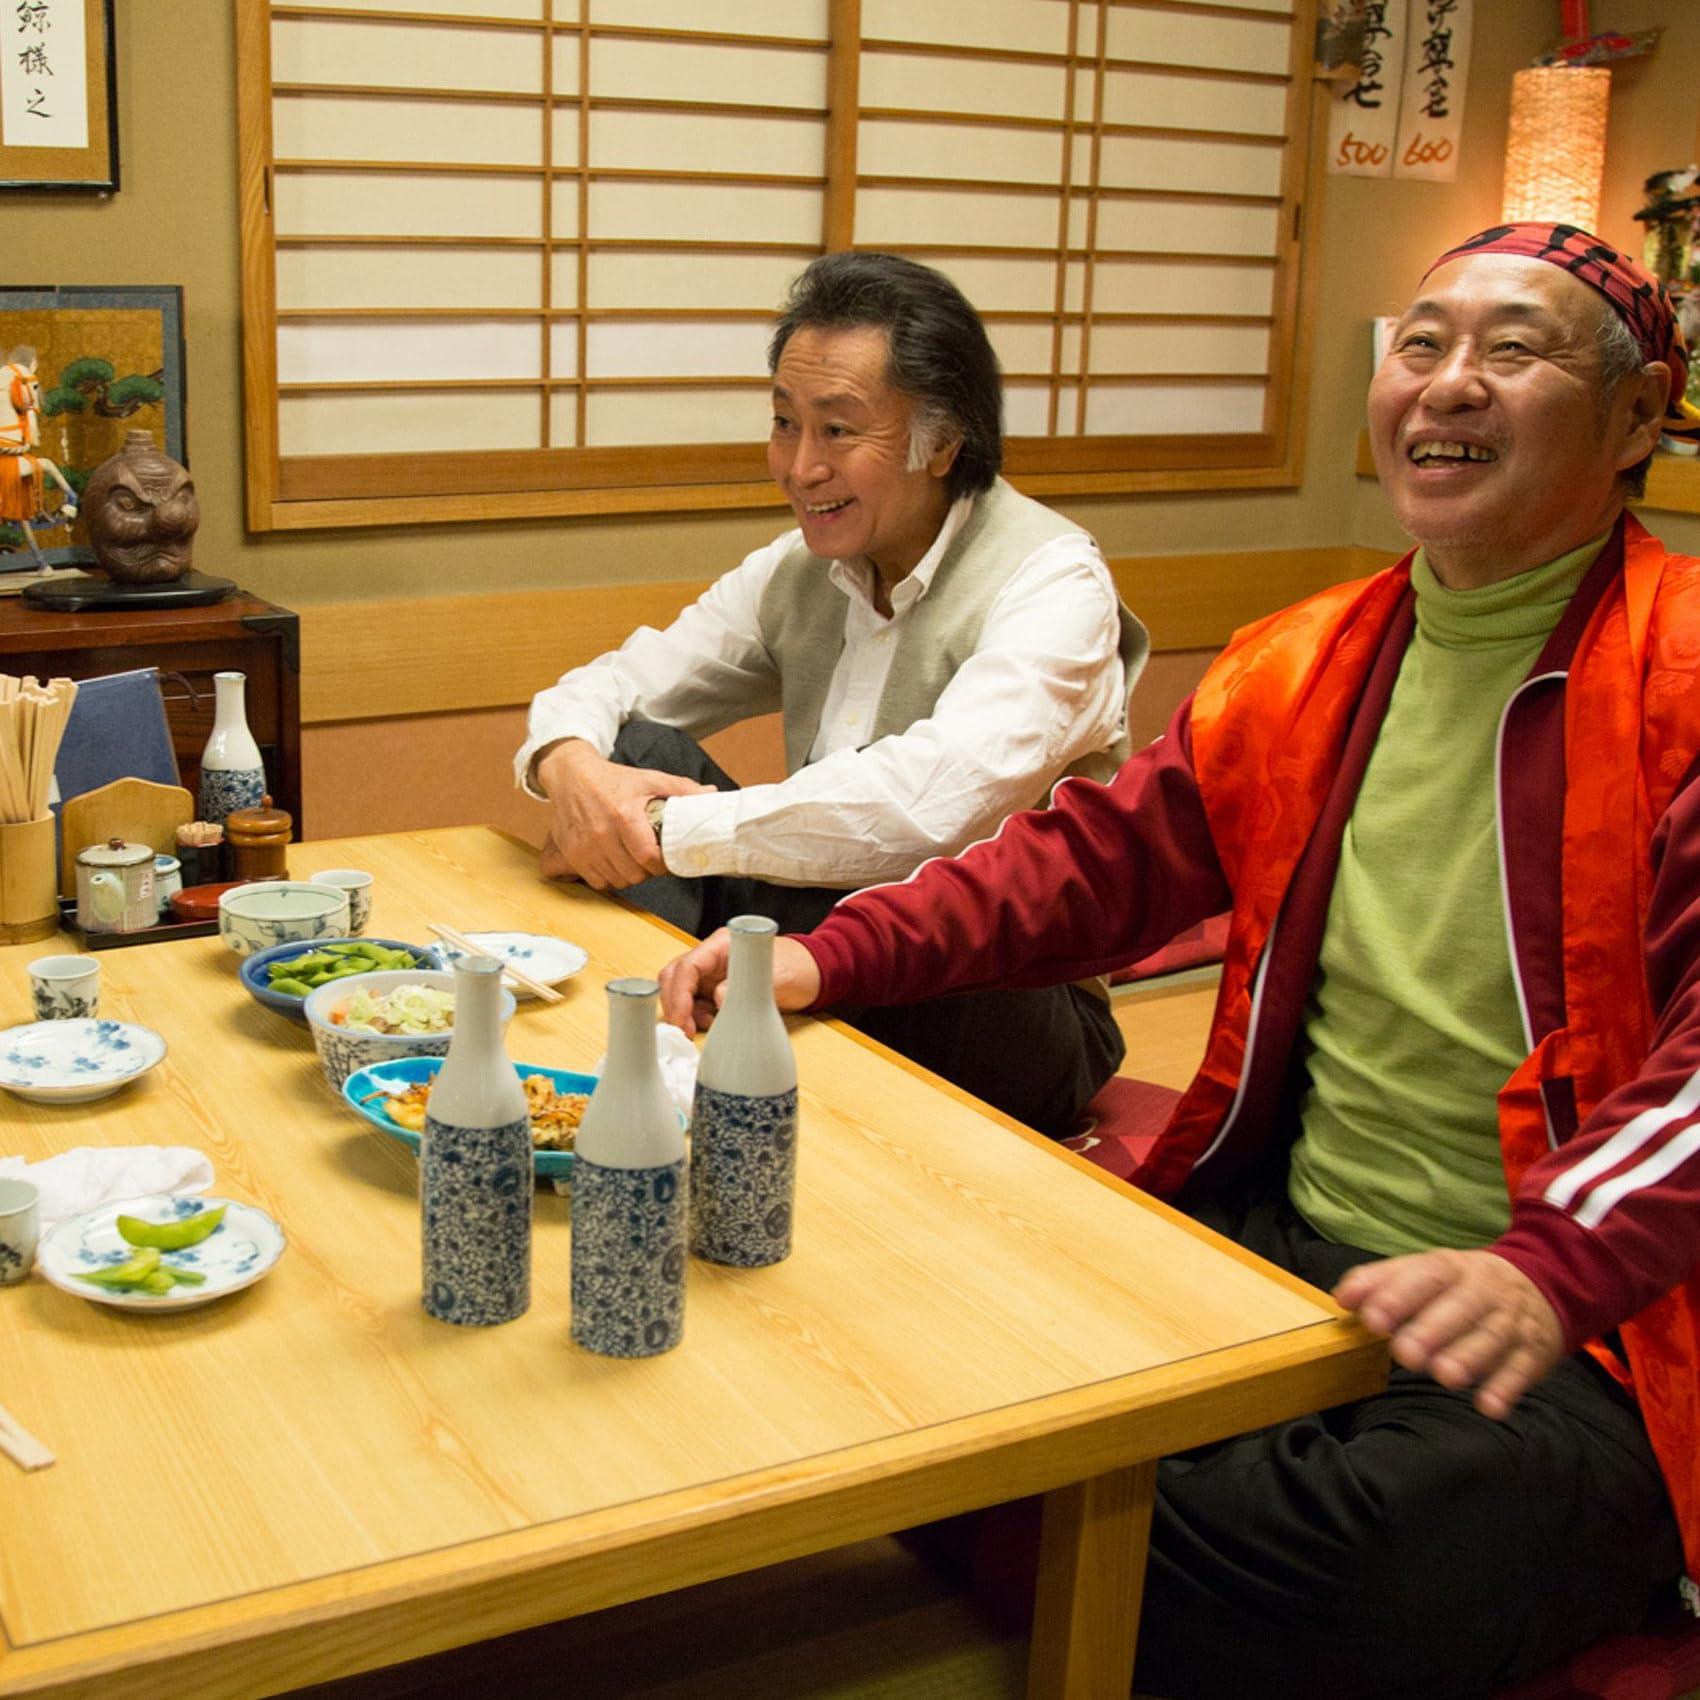 北大路欣也 Ipad壁紙 三匹のおっさん 清田 清一 通称キヨ 剣道の